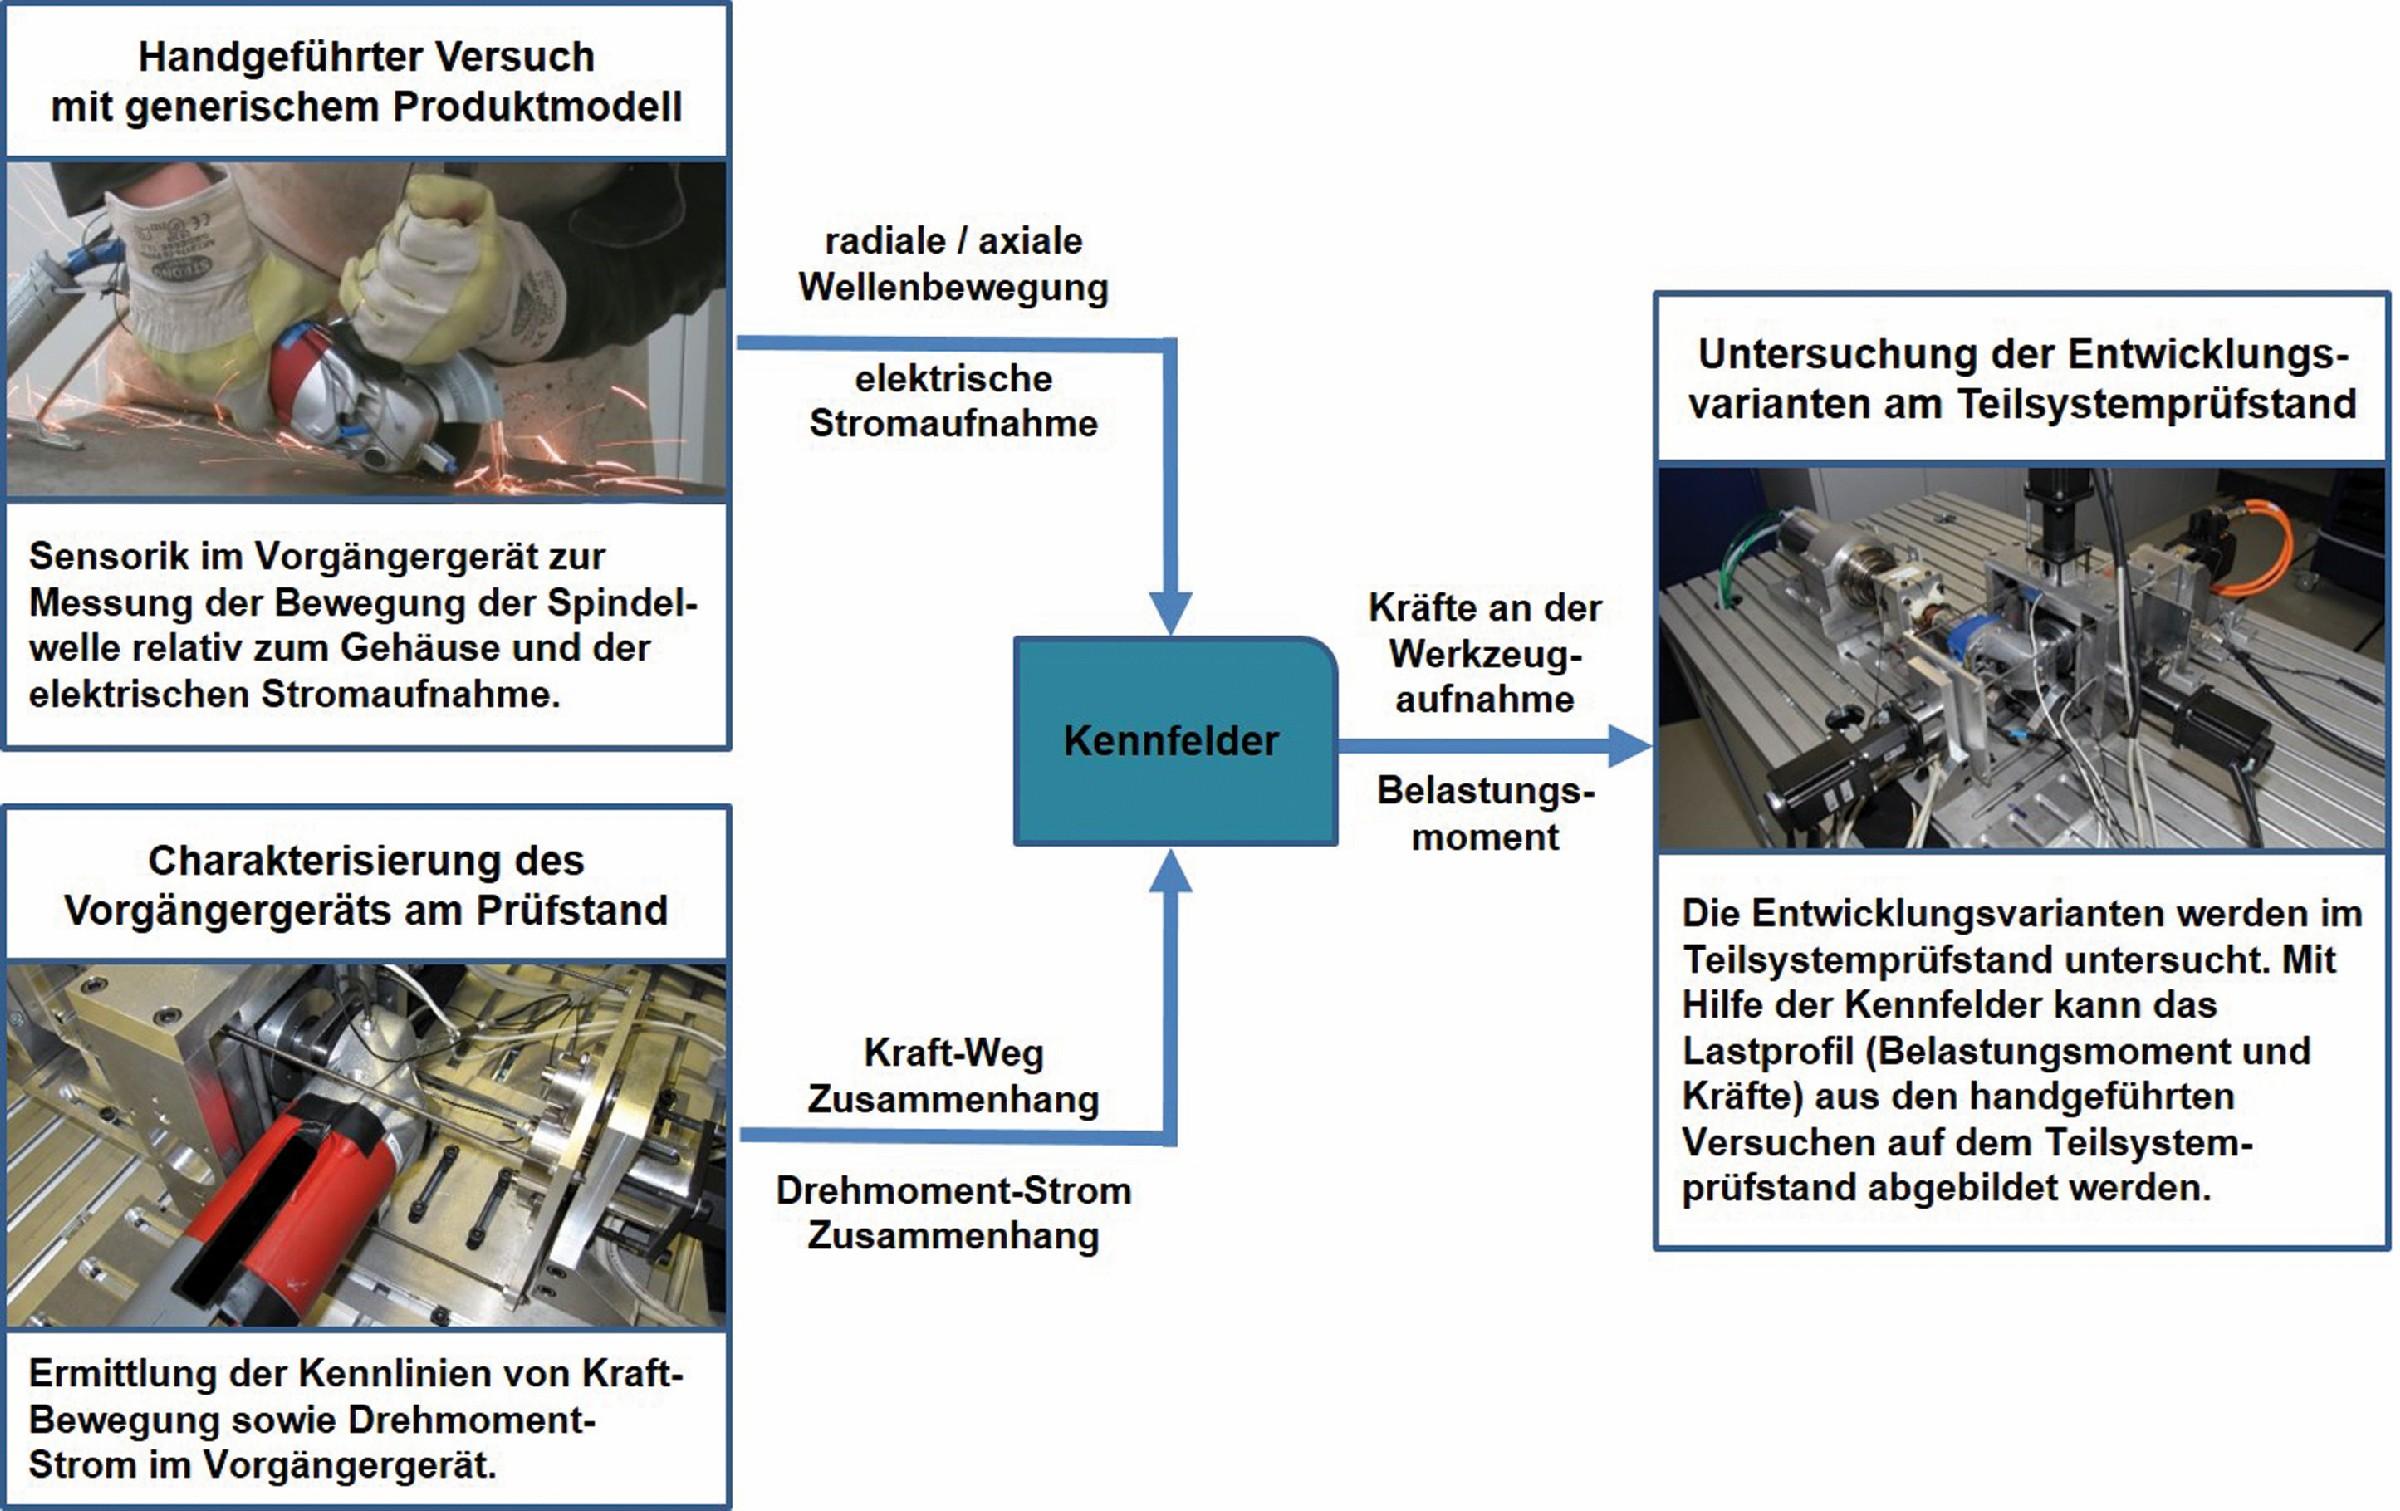 Bild 5: Methode zur Überführung der Systemgrößen auf den Prüfstand nach [12]. (Bild: Karlsruher Institut für Technologie KIT)